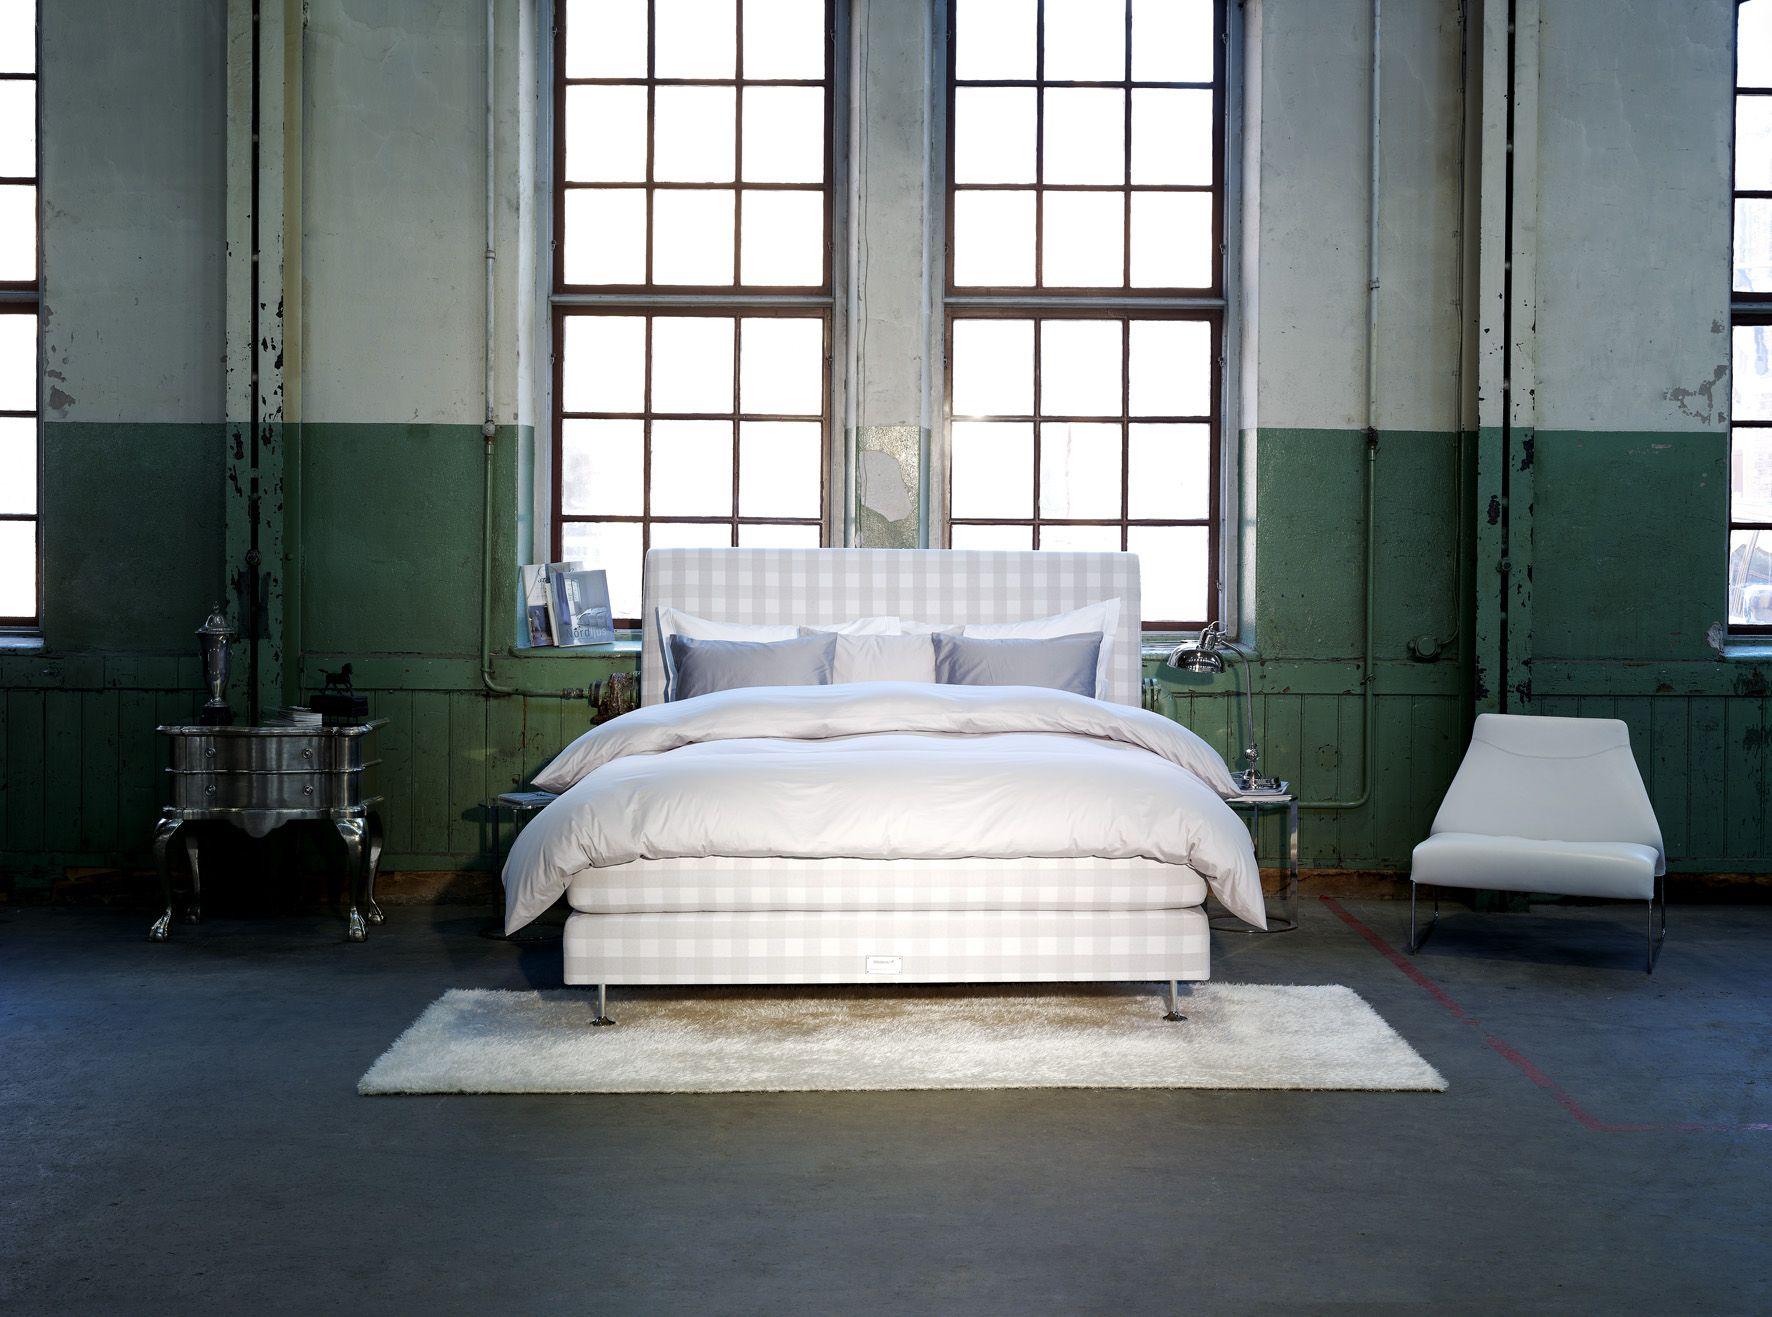 New Hastens Platinum Bed Sovrum Ideer